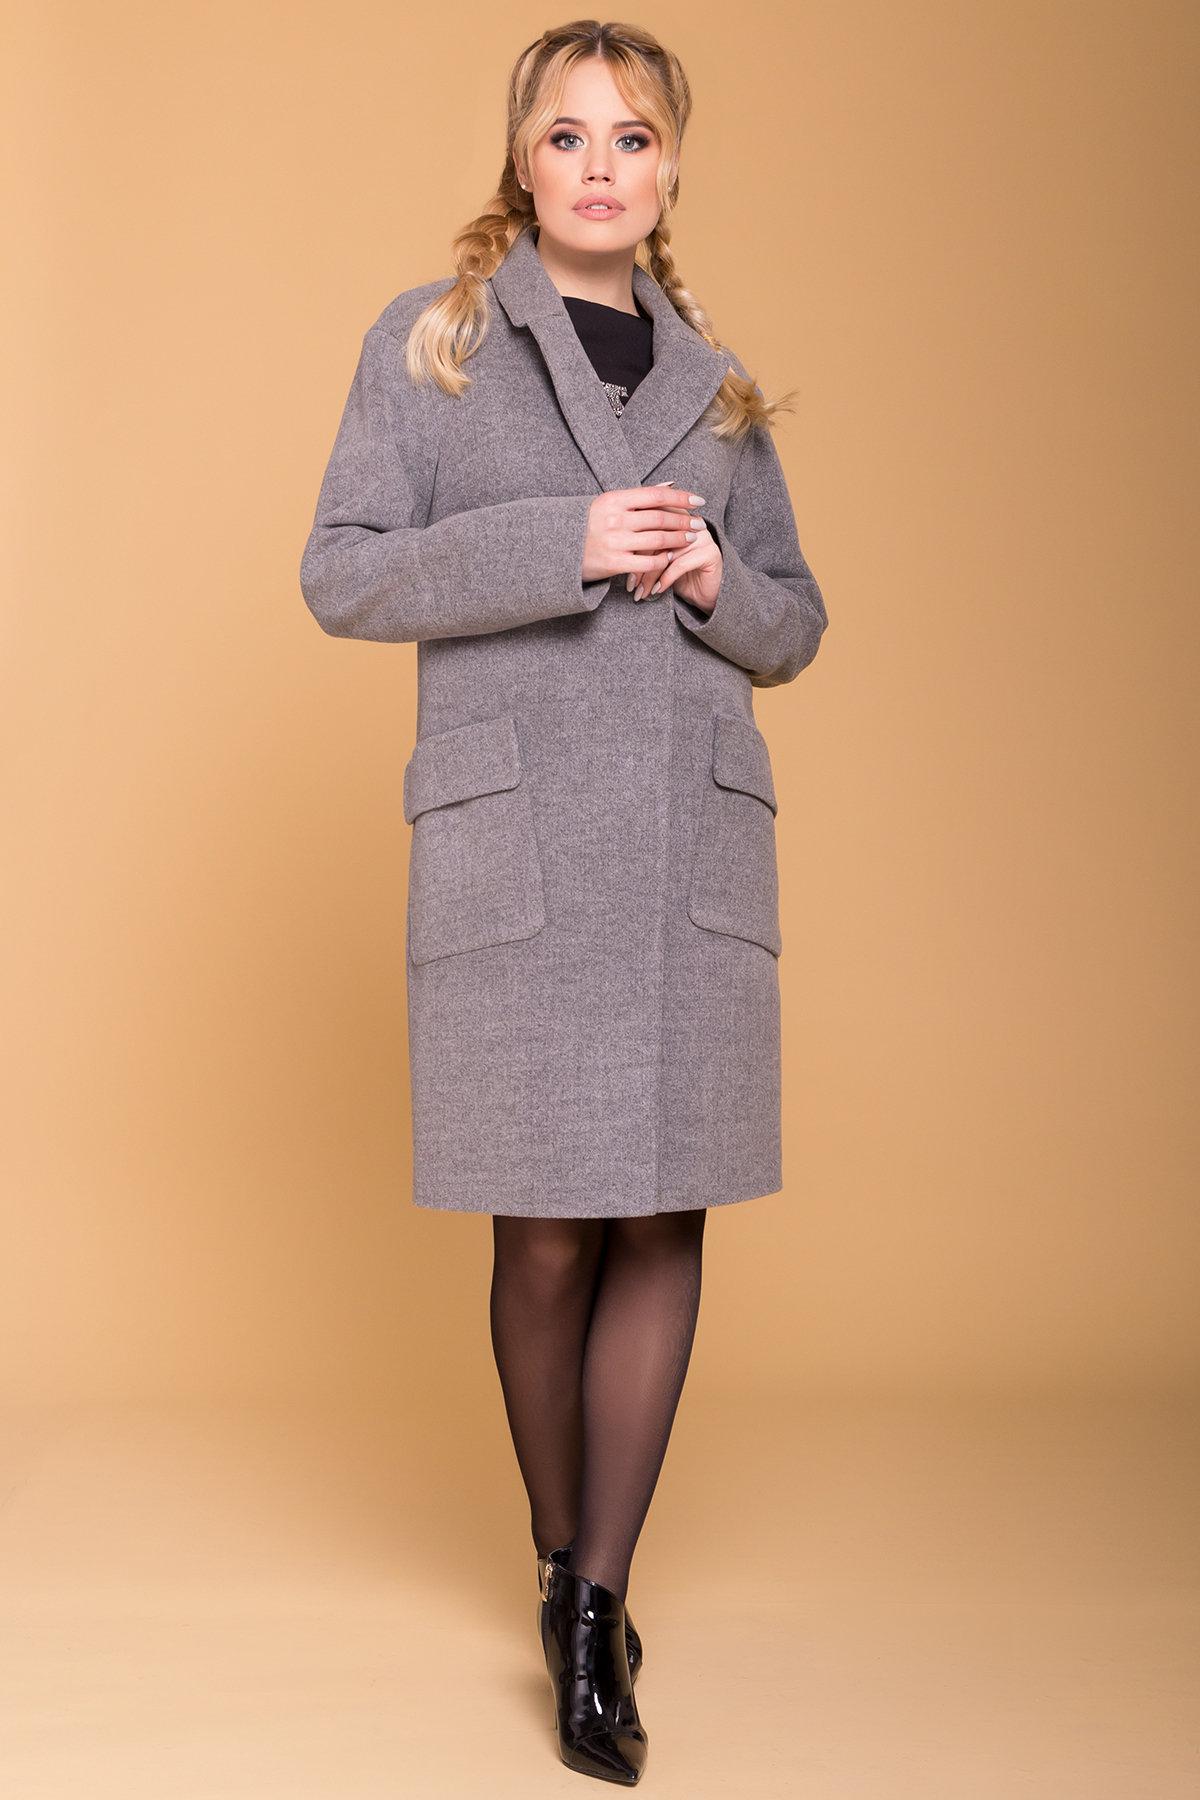 Пальто Парма (94) 6341 АРТ. 41170 Цвет: Серый 18 - фото 4, интернет магазин tm-modus.ru